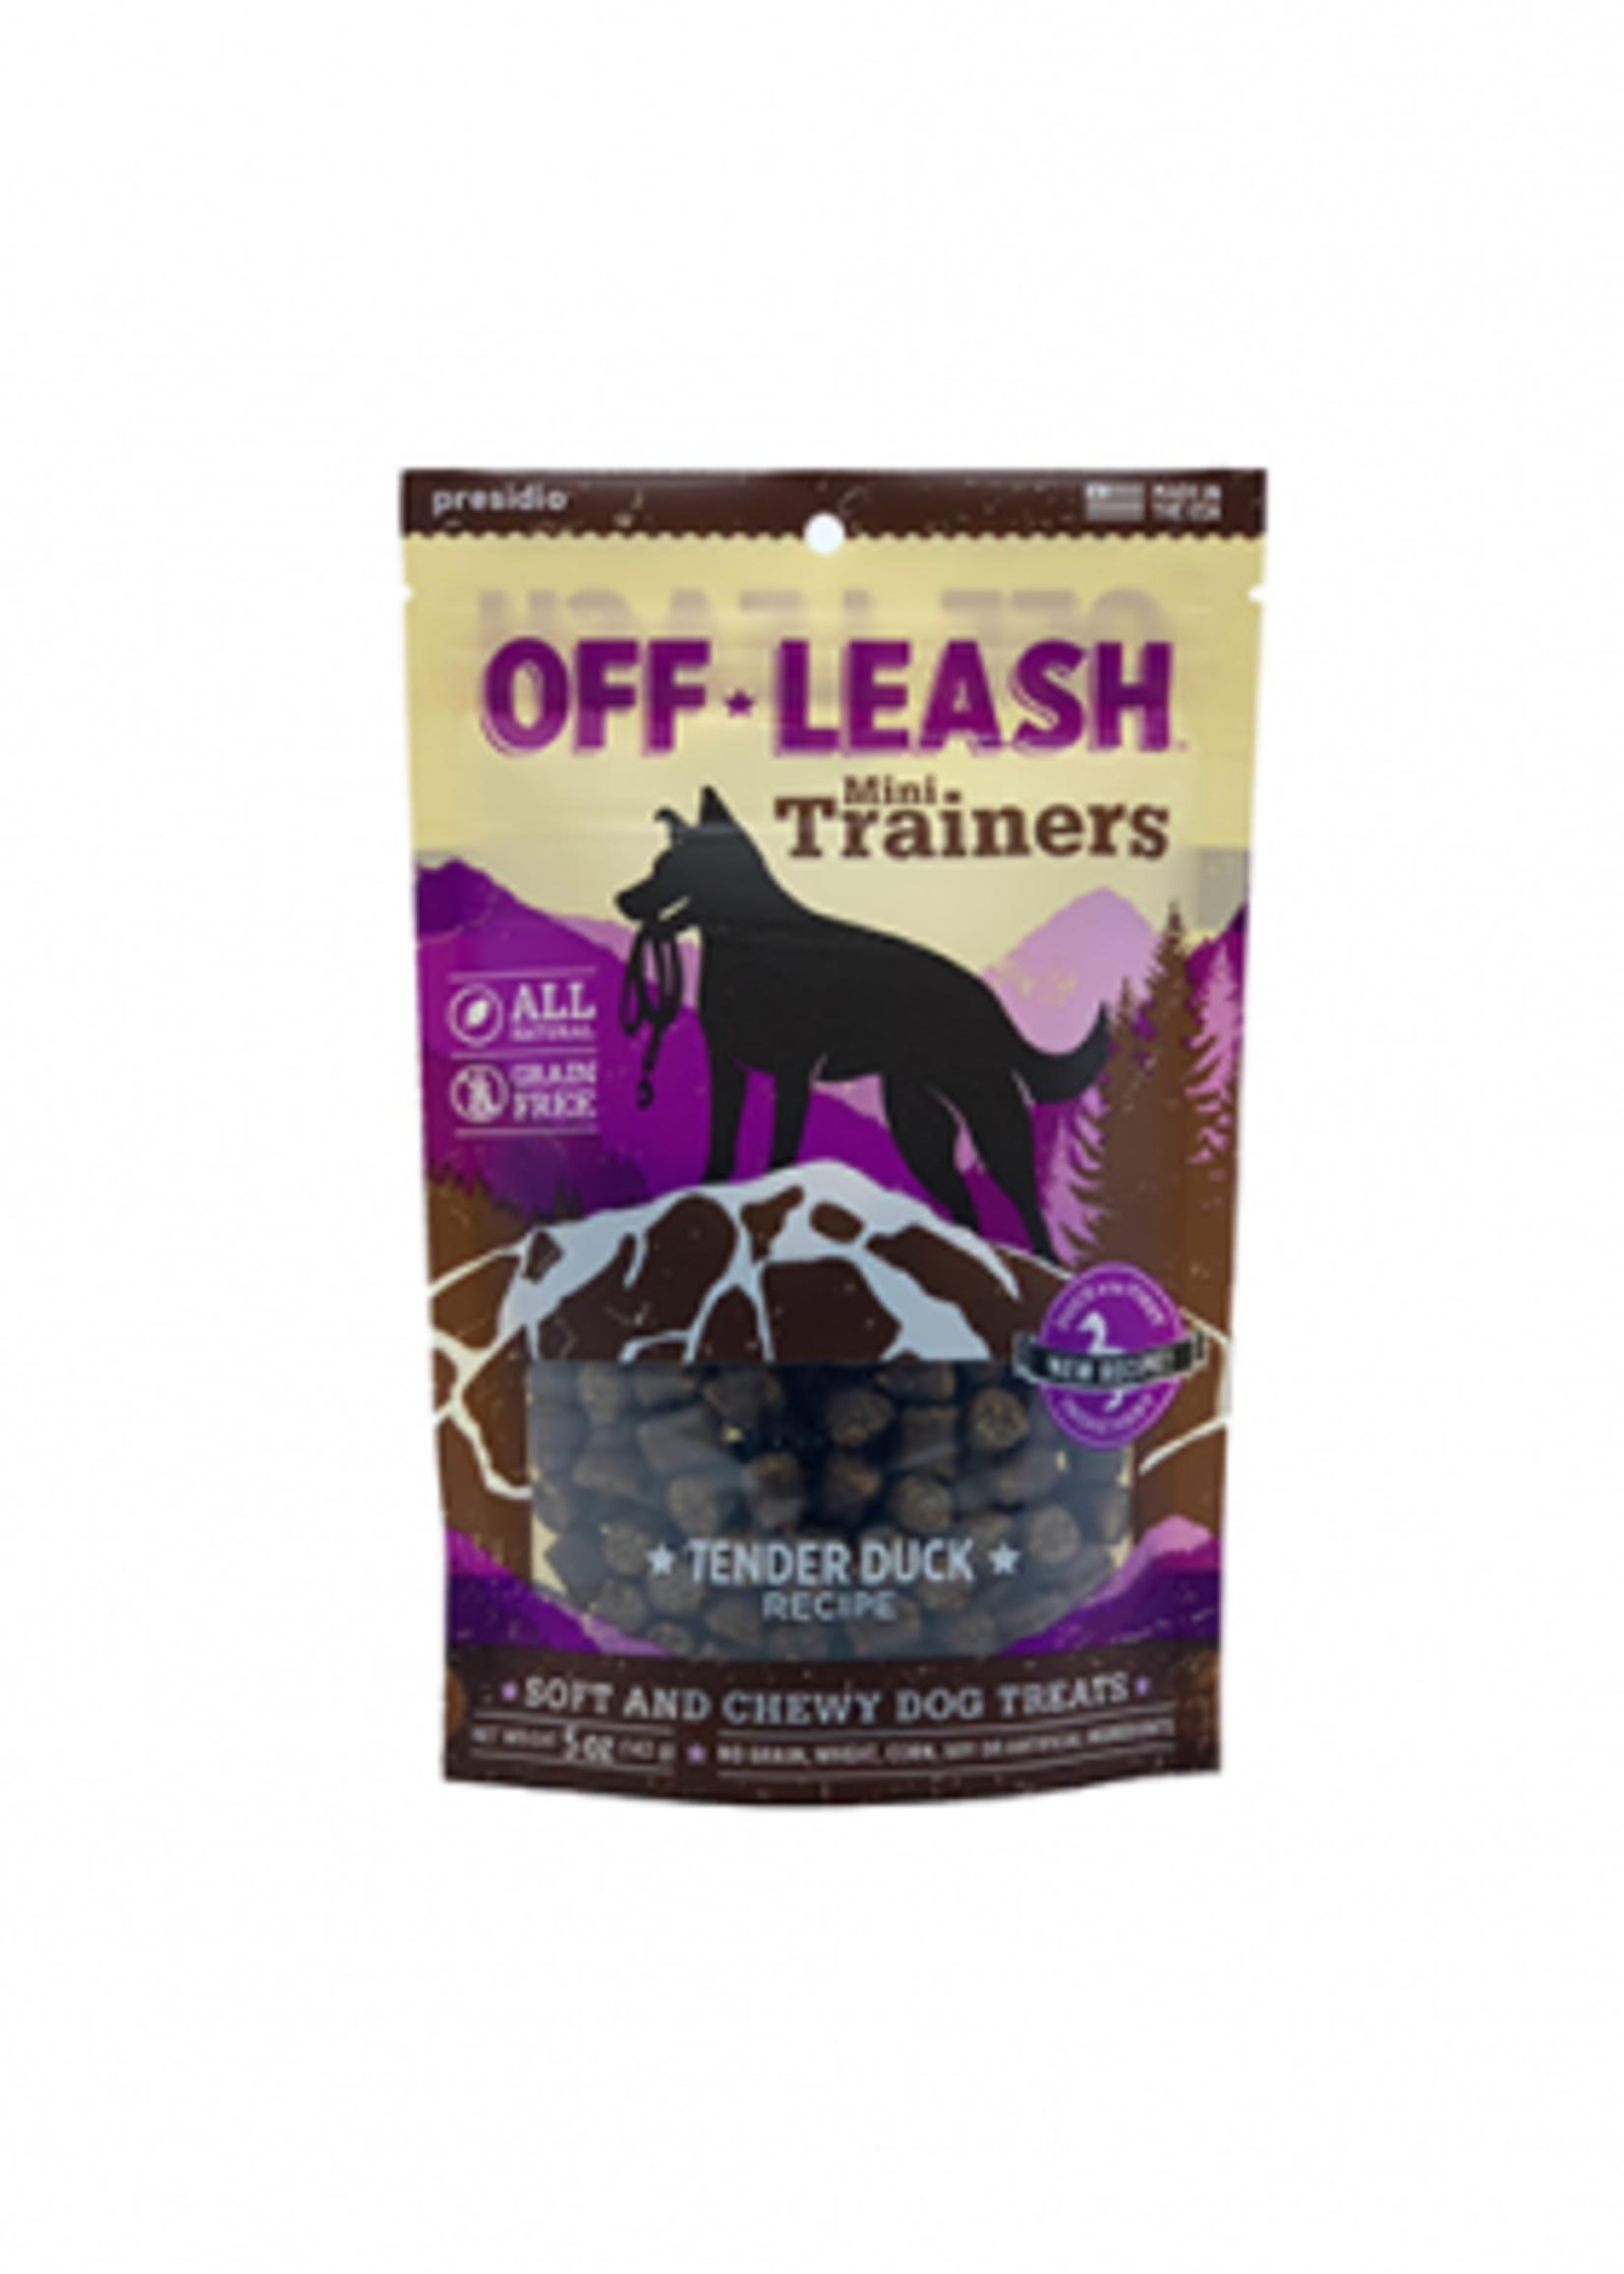 Off-Leash™ Presidio Off-Leash Mini Trainers Tender Duck Recipe 5oz